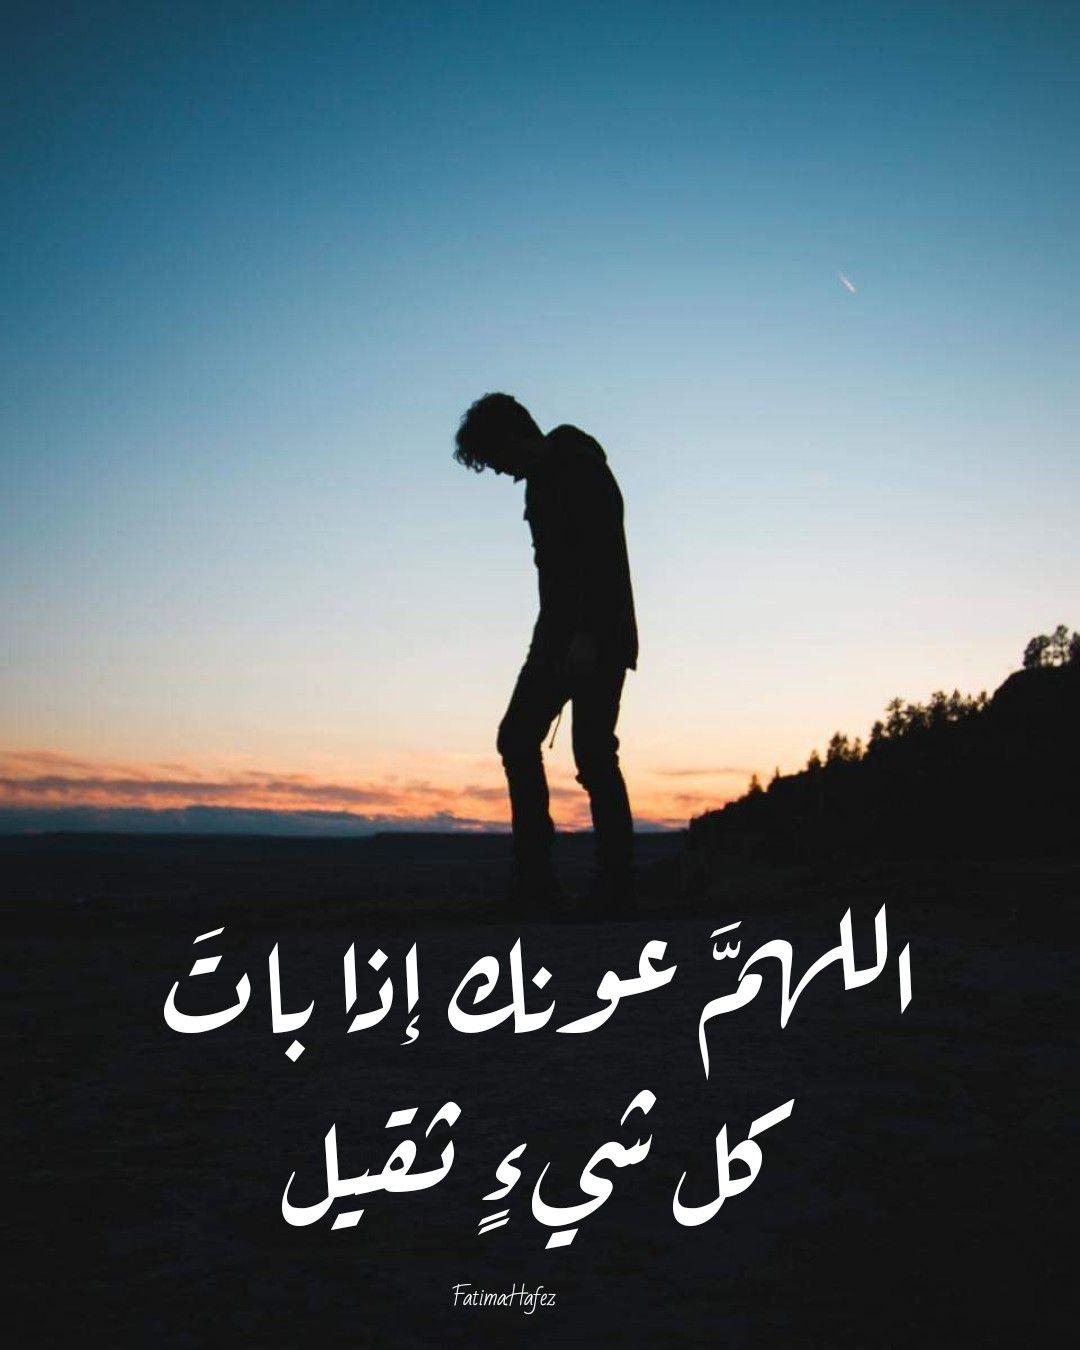 اللهم عونك إذا بات كل شيء ثقيل Islam